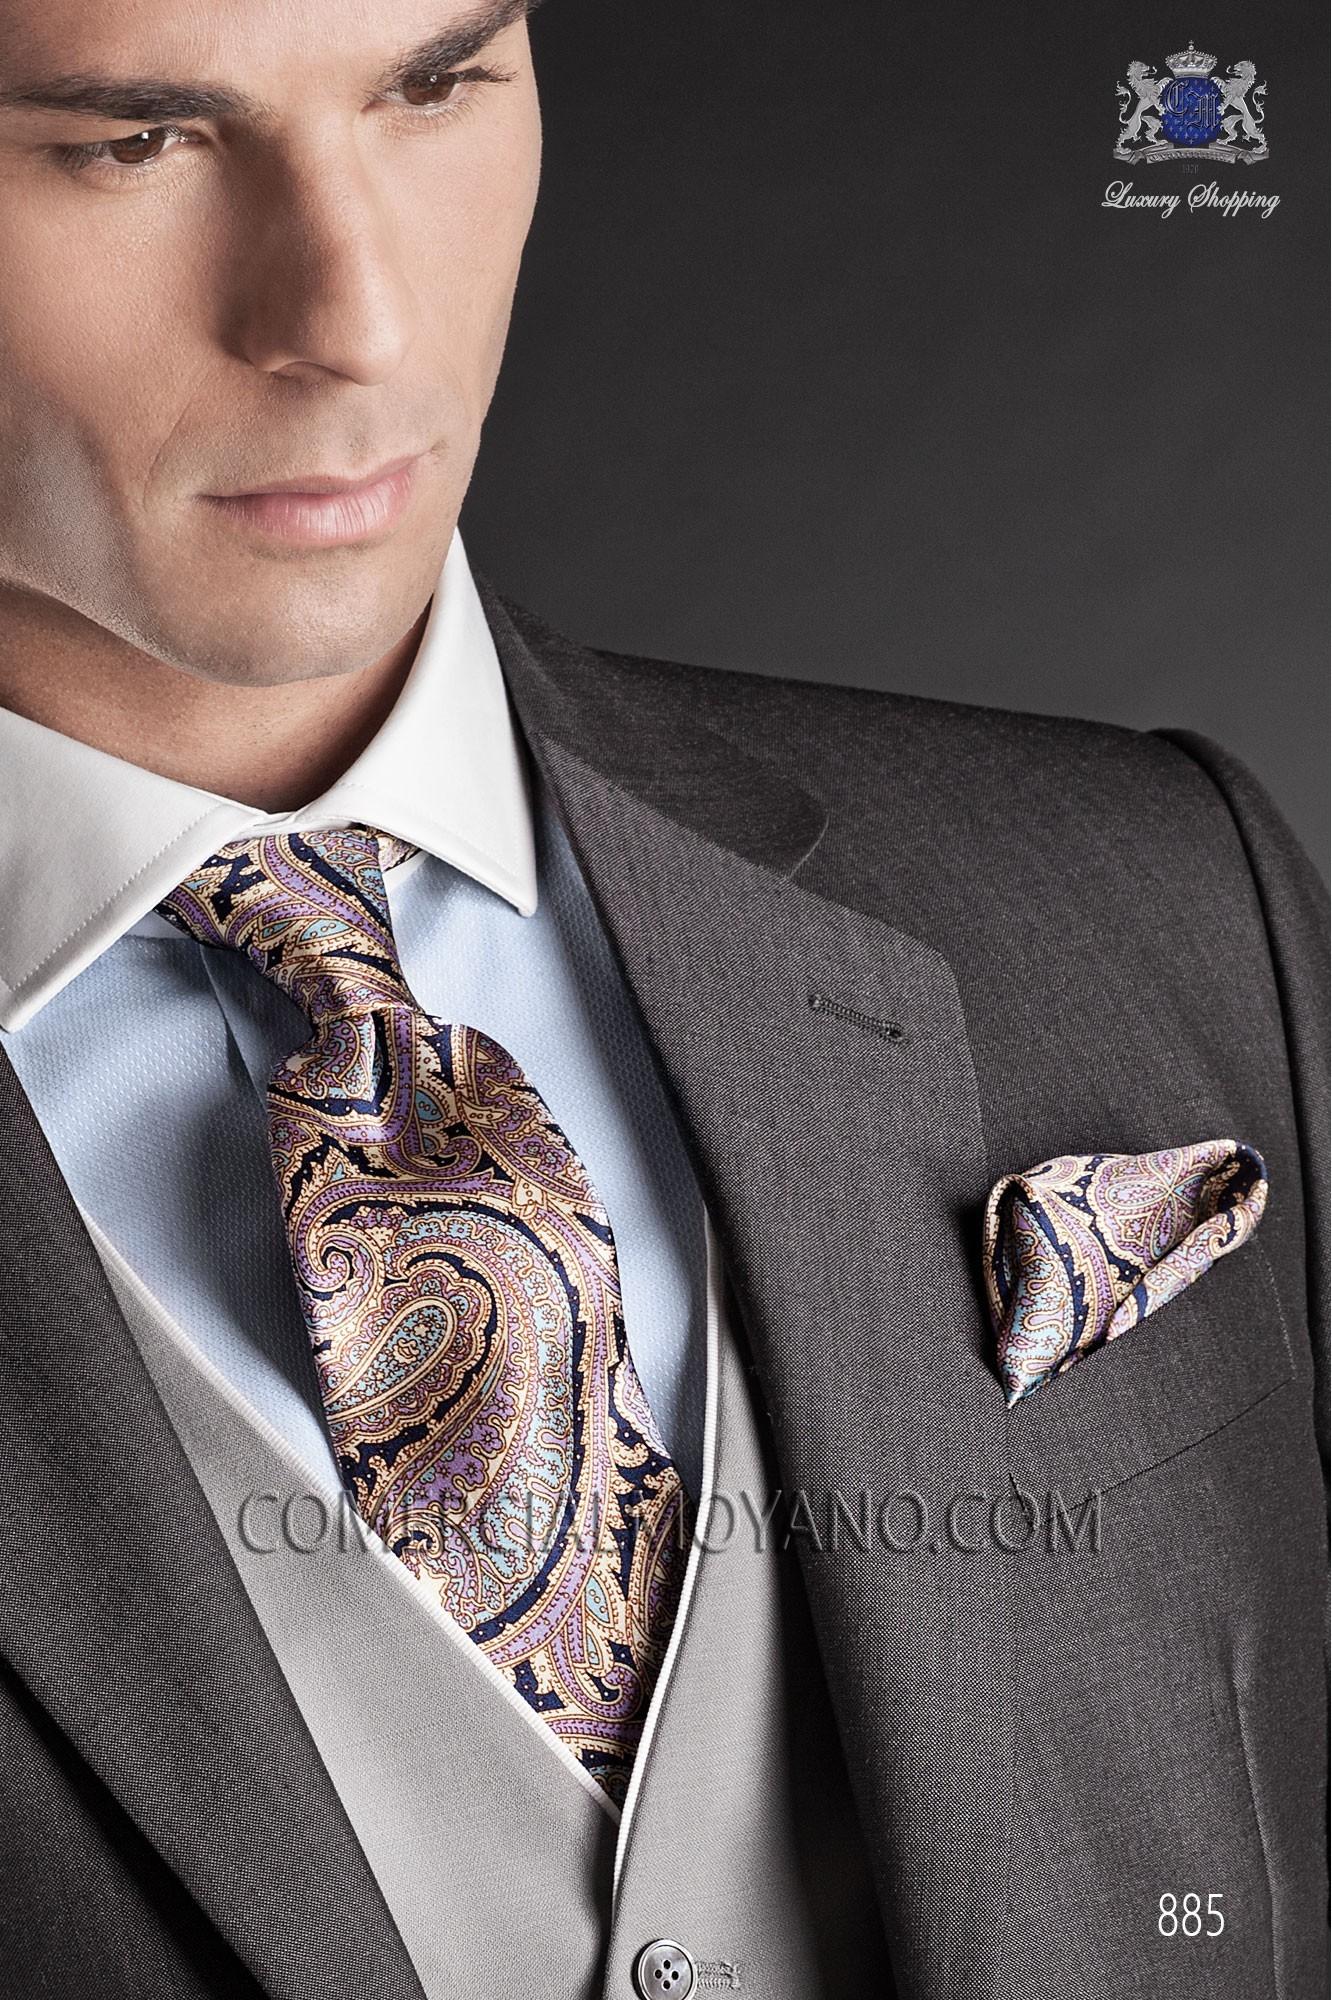 Corbata y pañuelo en seda estampada con diseño cashmere Ottavio Nuccio Gala.